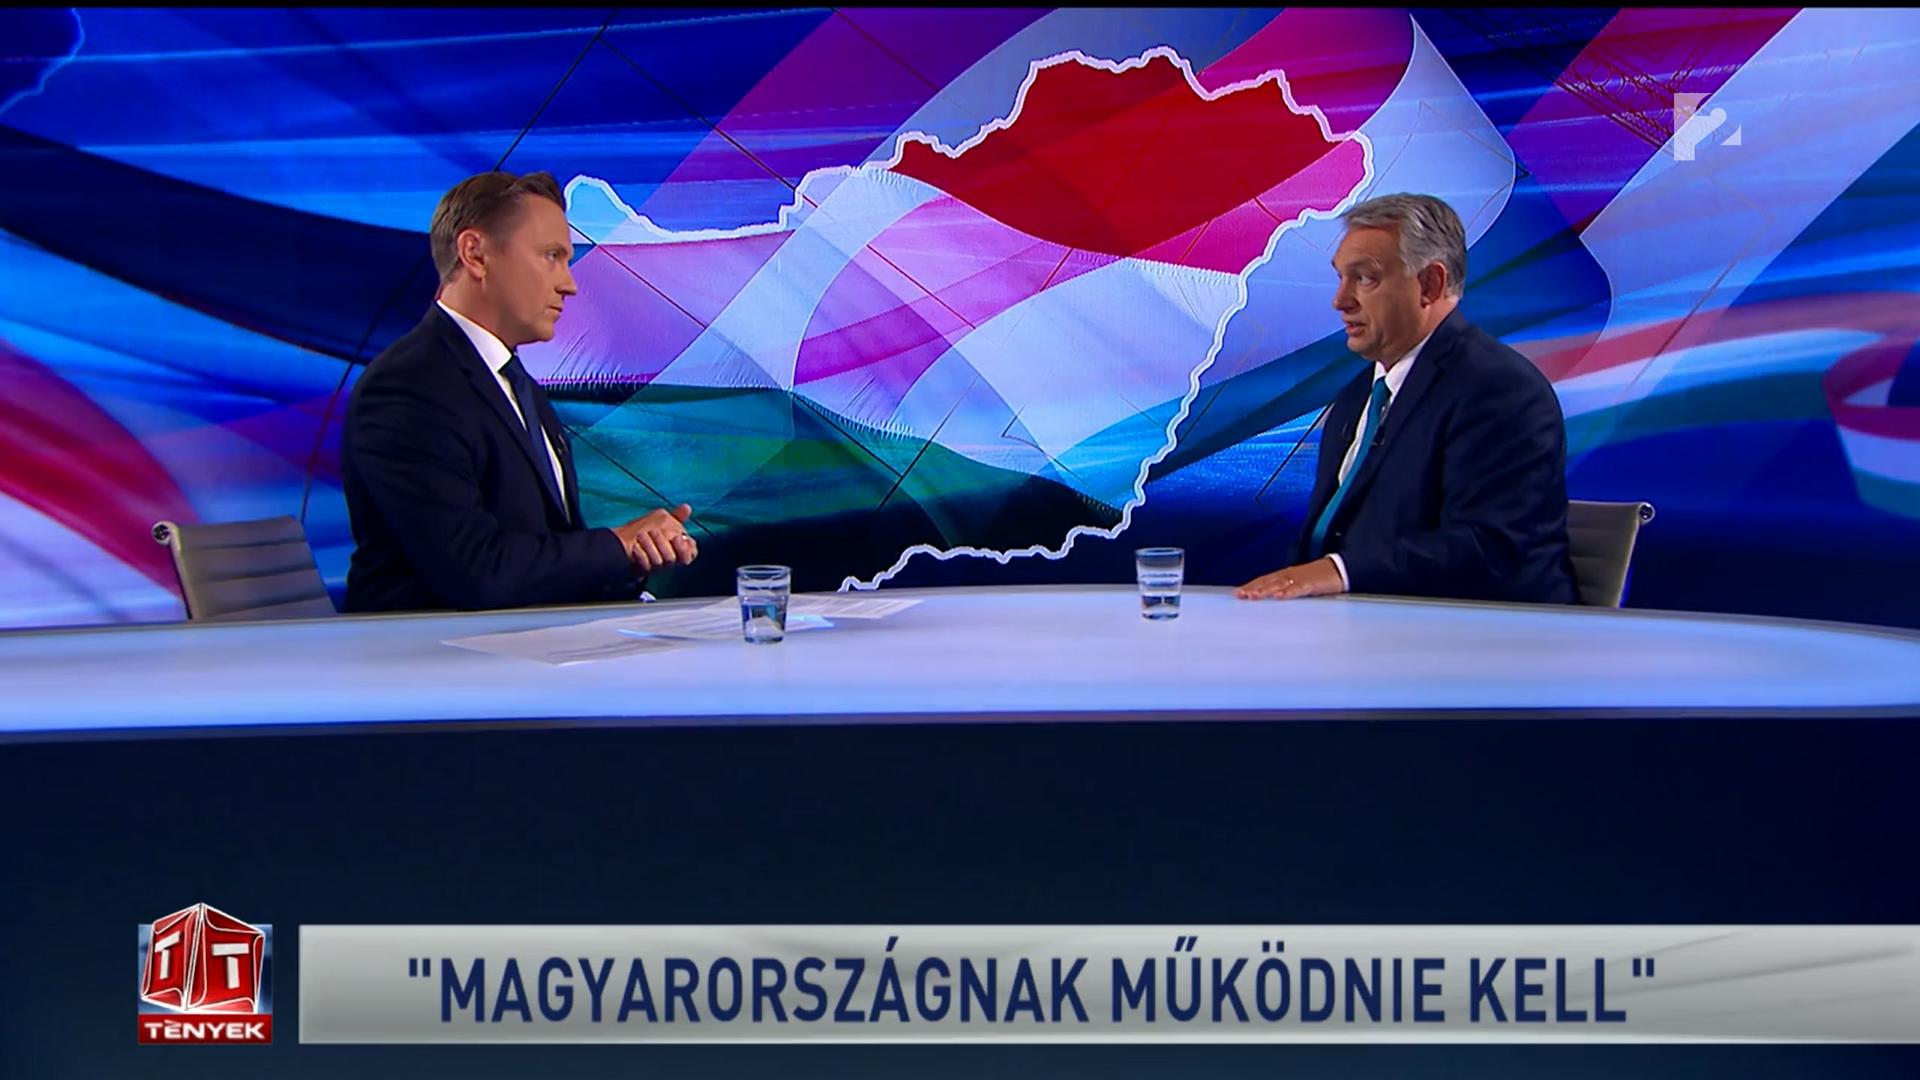 """Orbán gegenüber TV2: """"Impfstoff wird auch in Ungarn verfügbar sein"""" post's picture"""